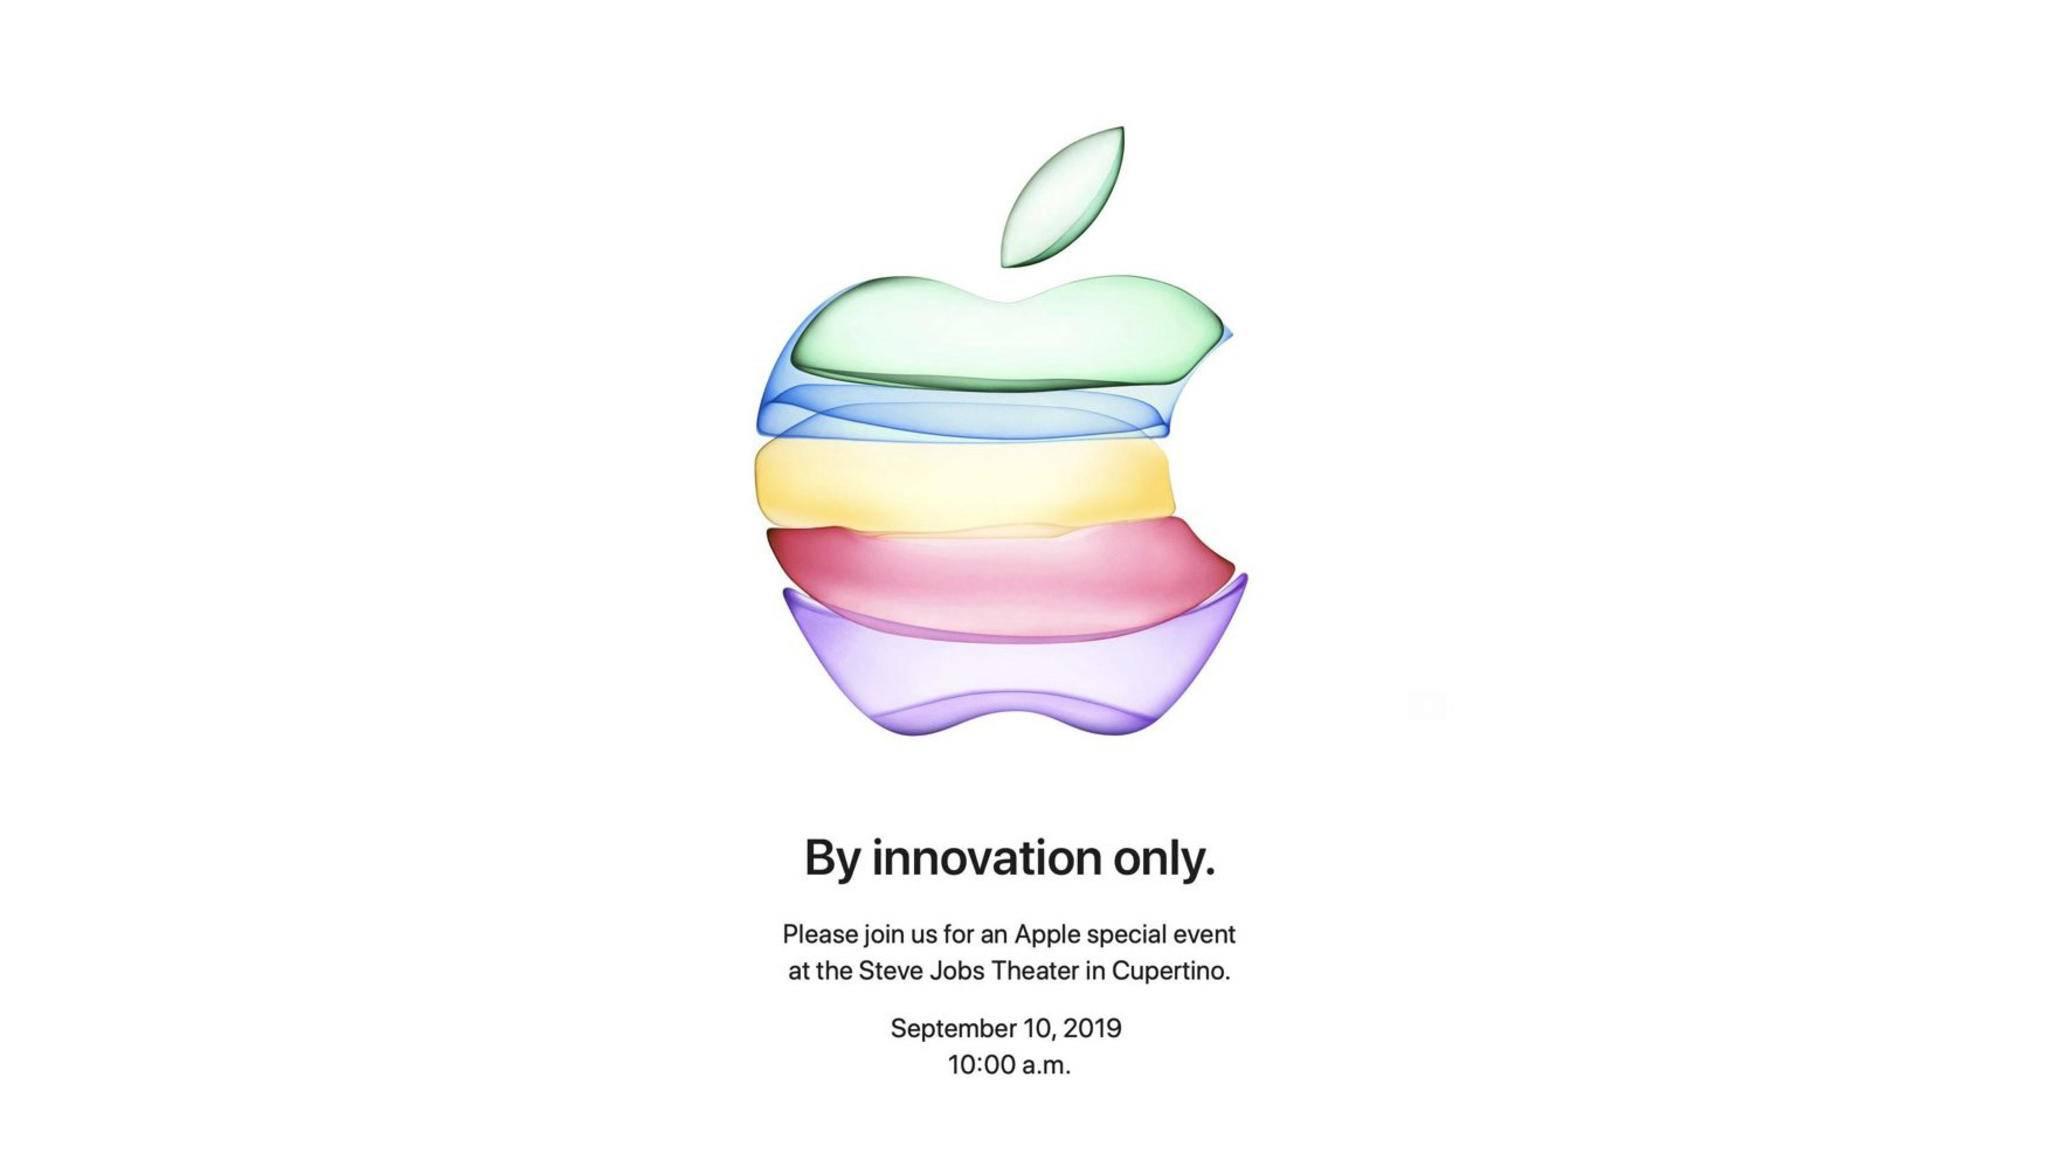 Die Präsentation neuer iPhones kannst Du bequem im Livestream verfolgen.